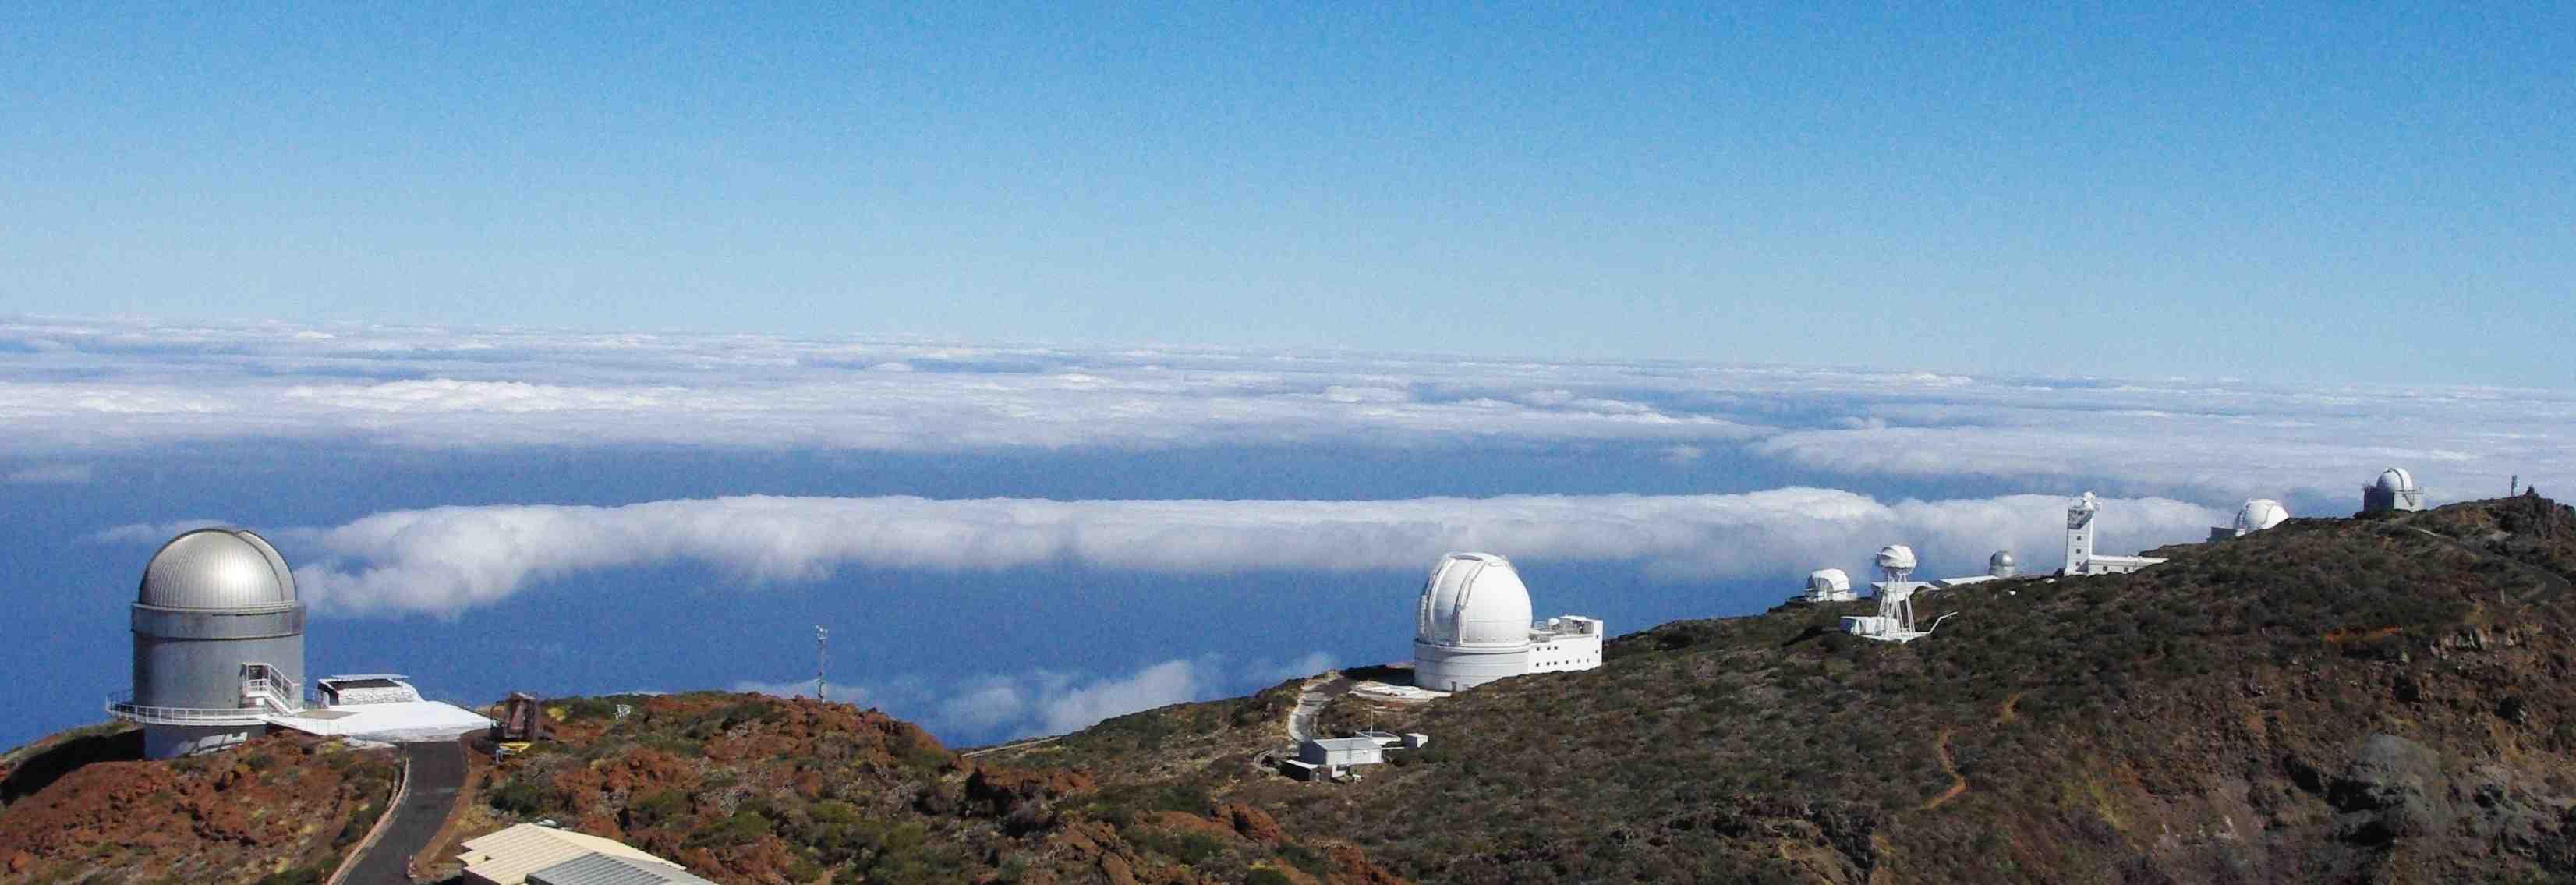 Observatorien